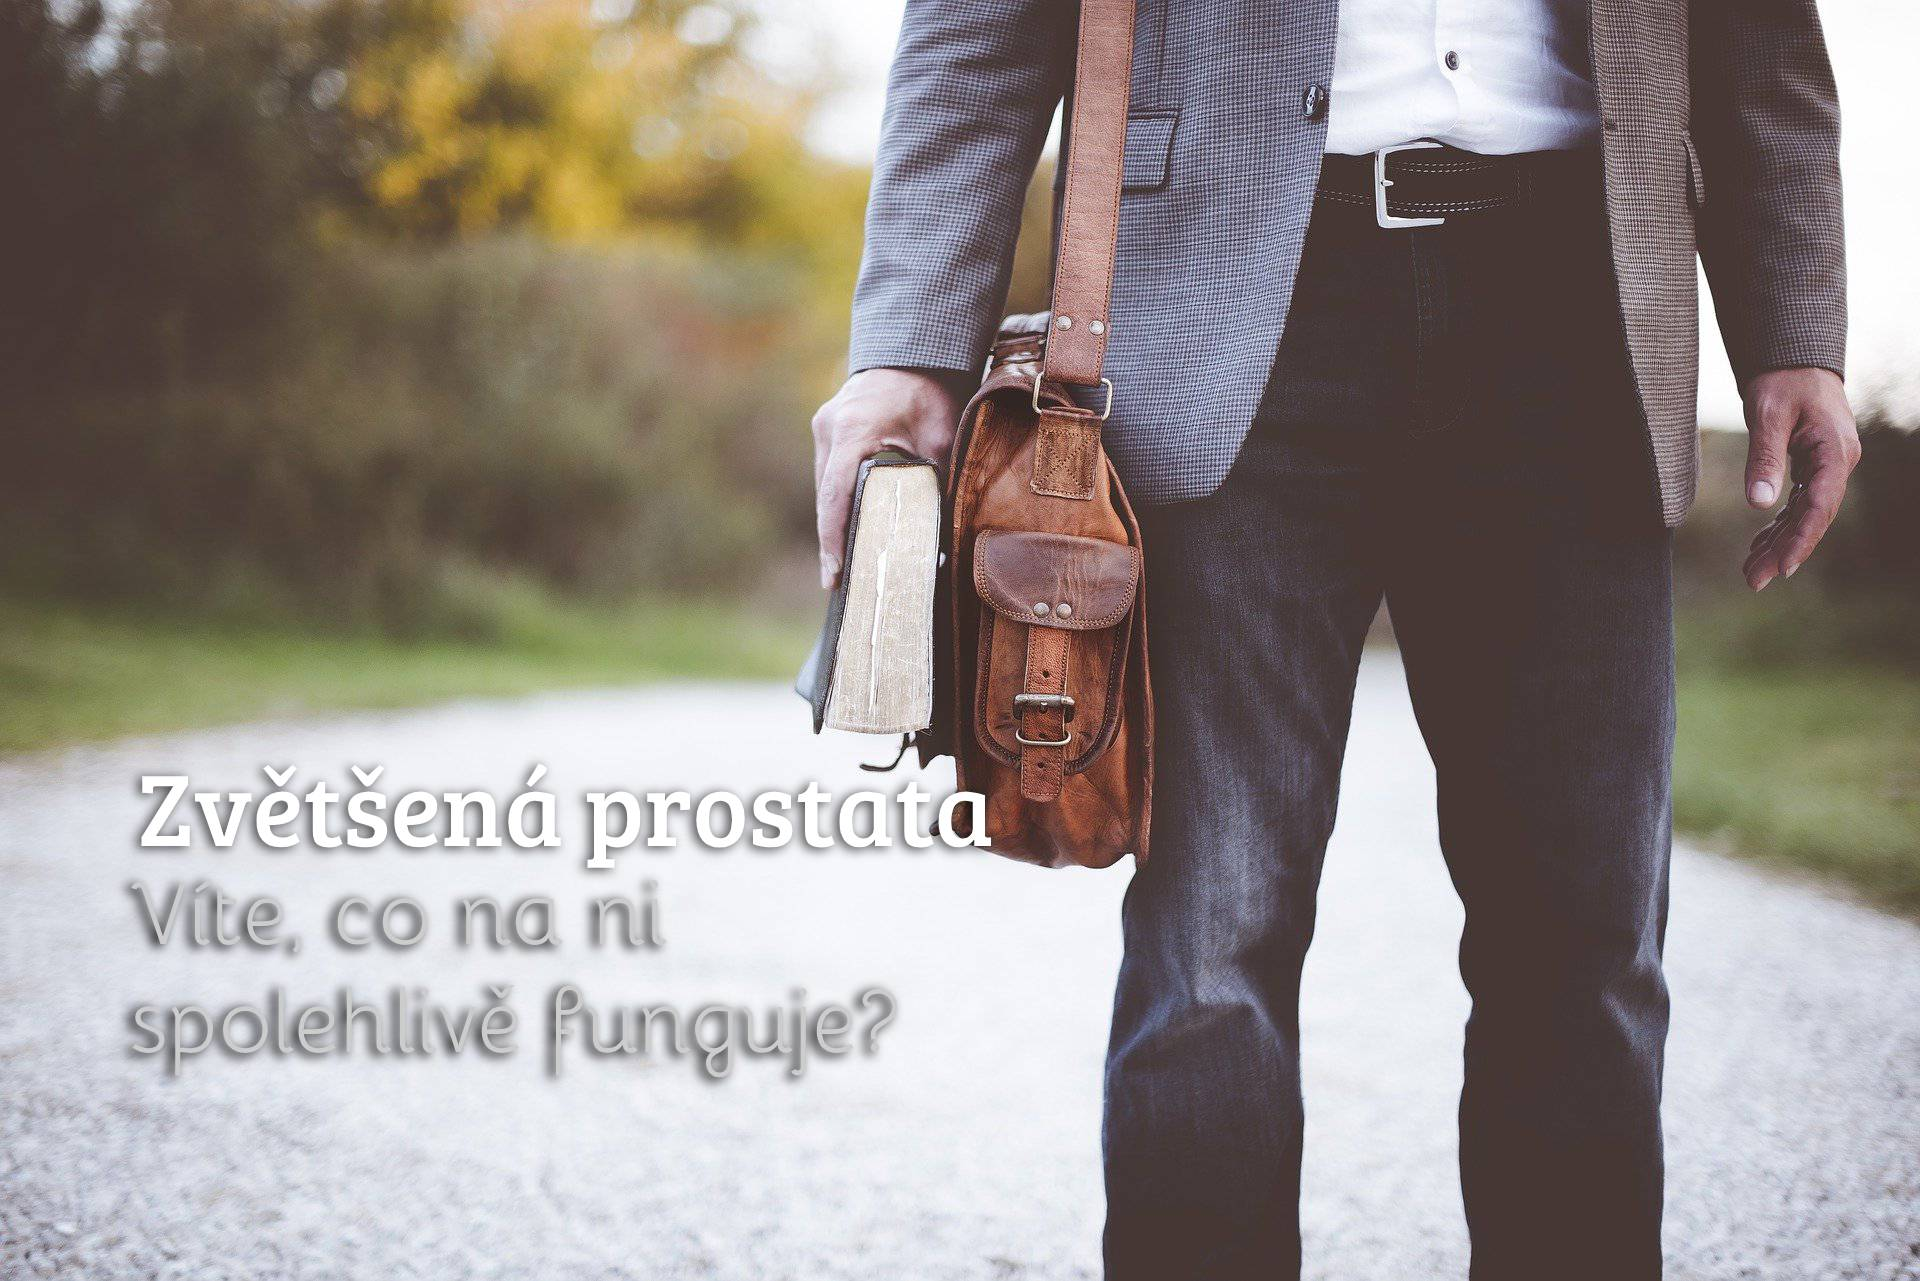 Zvětšená prostata